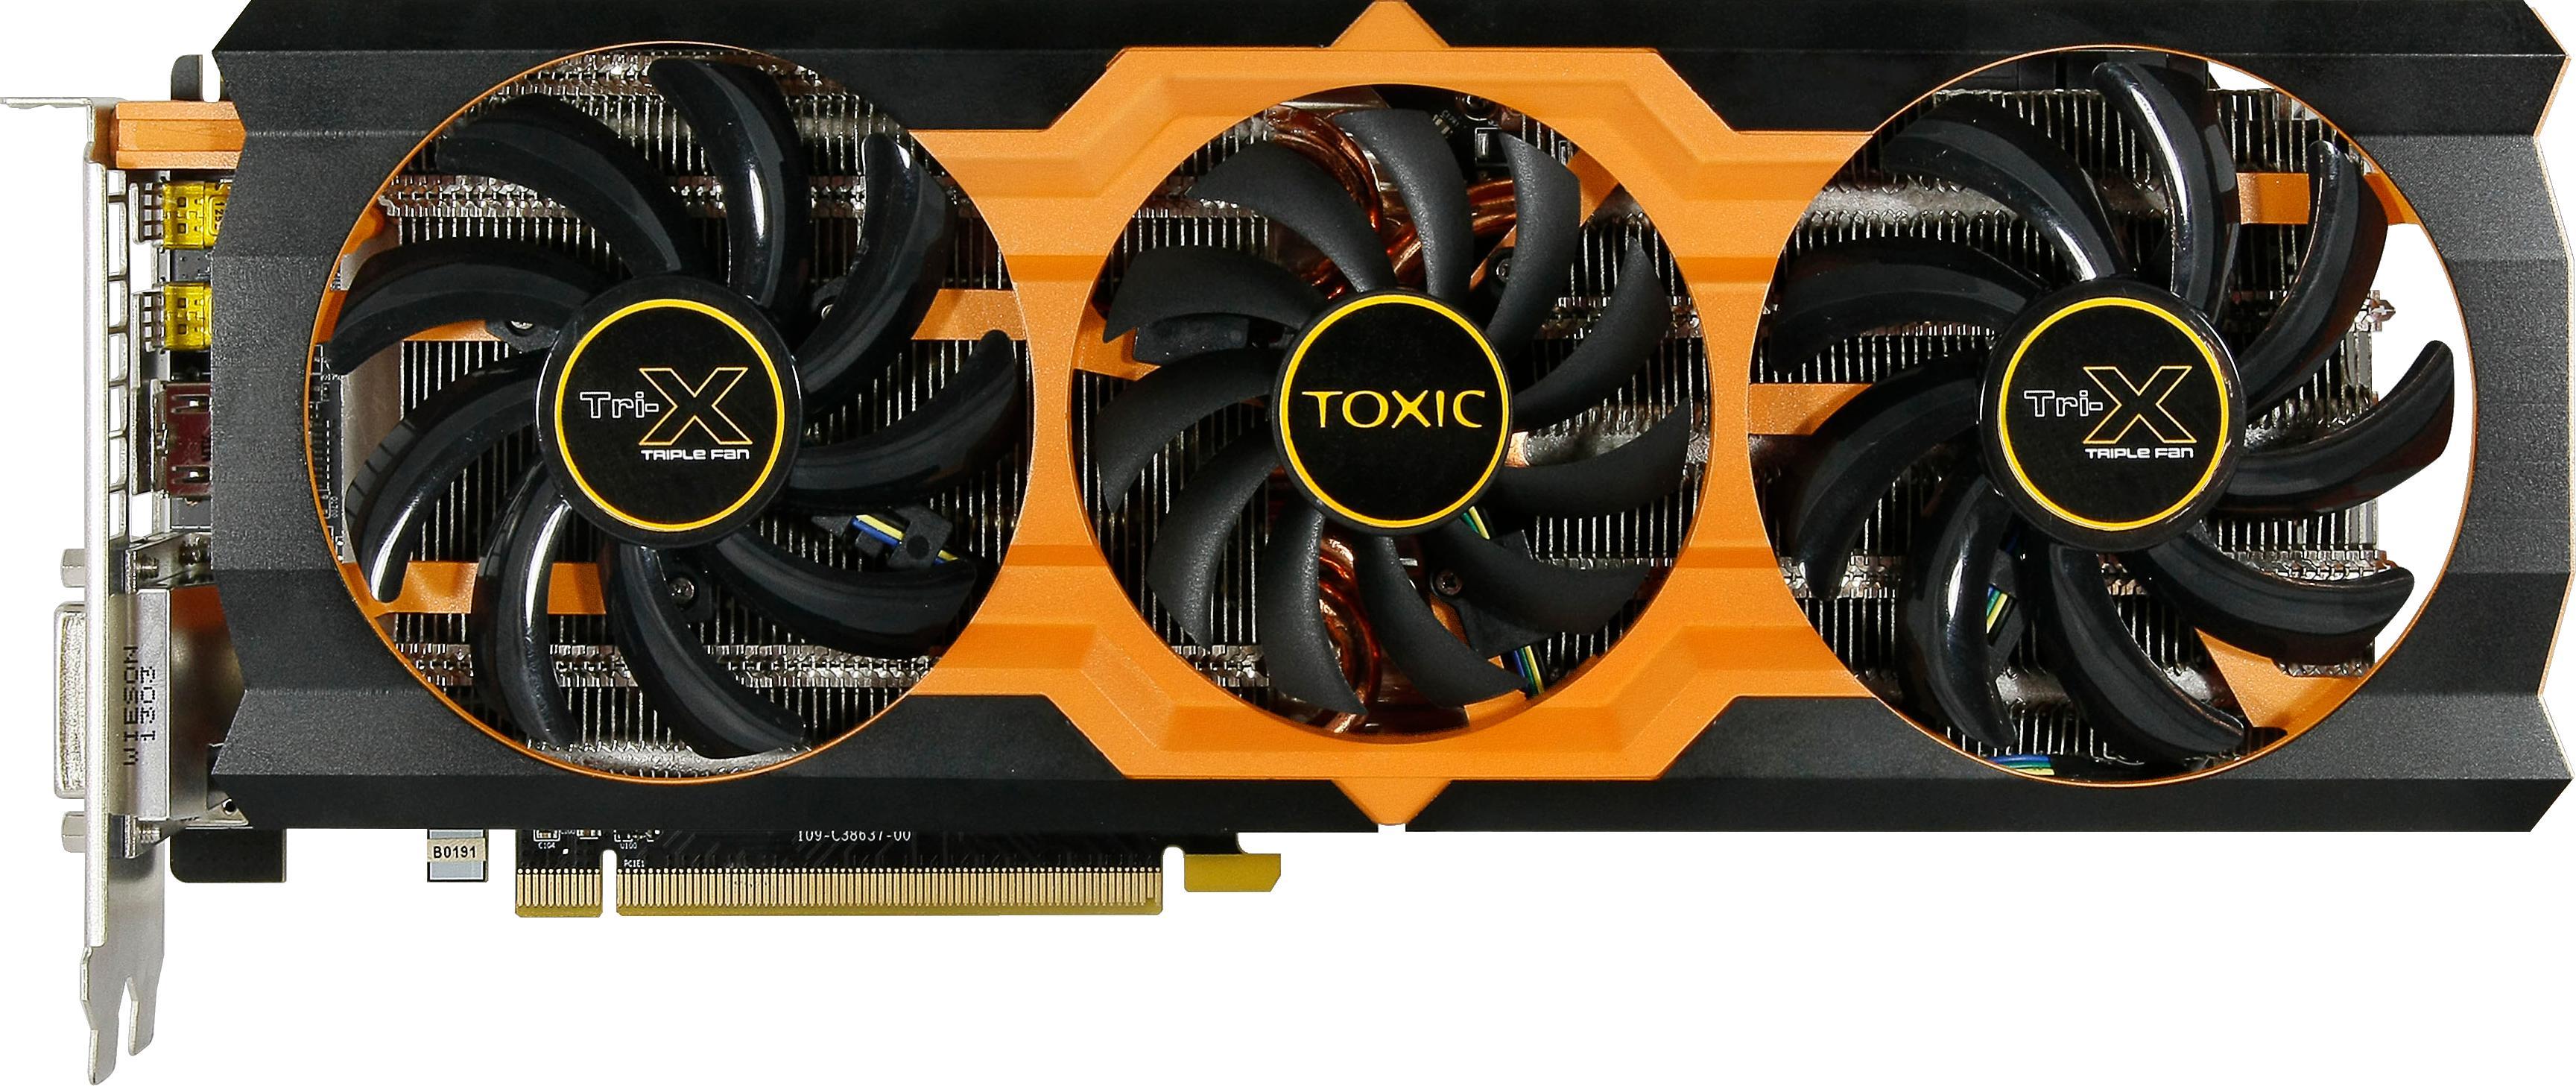 Sapphire Toxic R9 280X OC